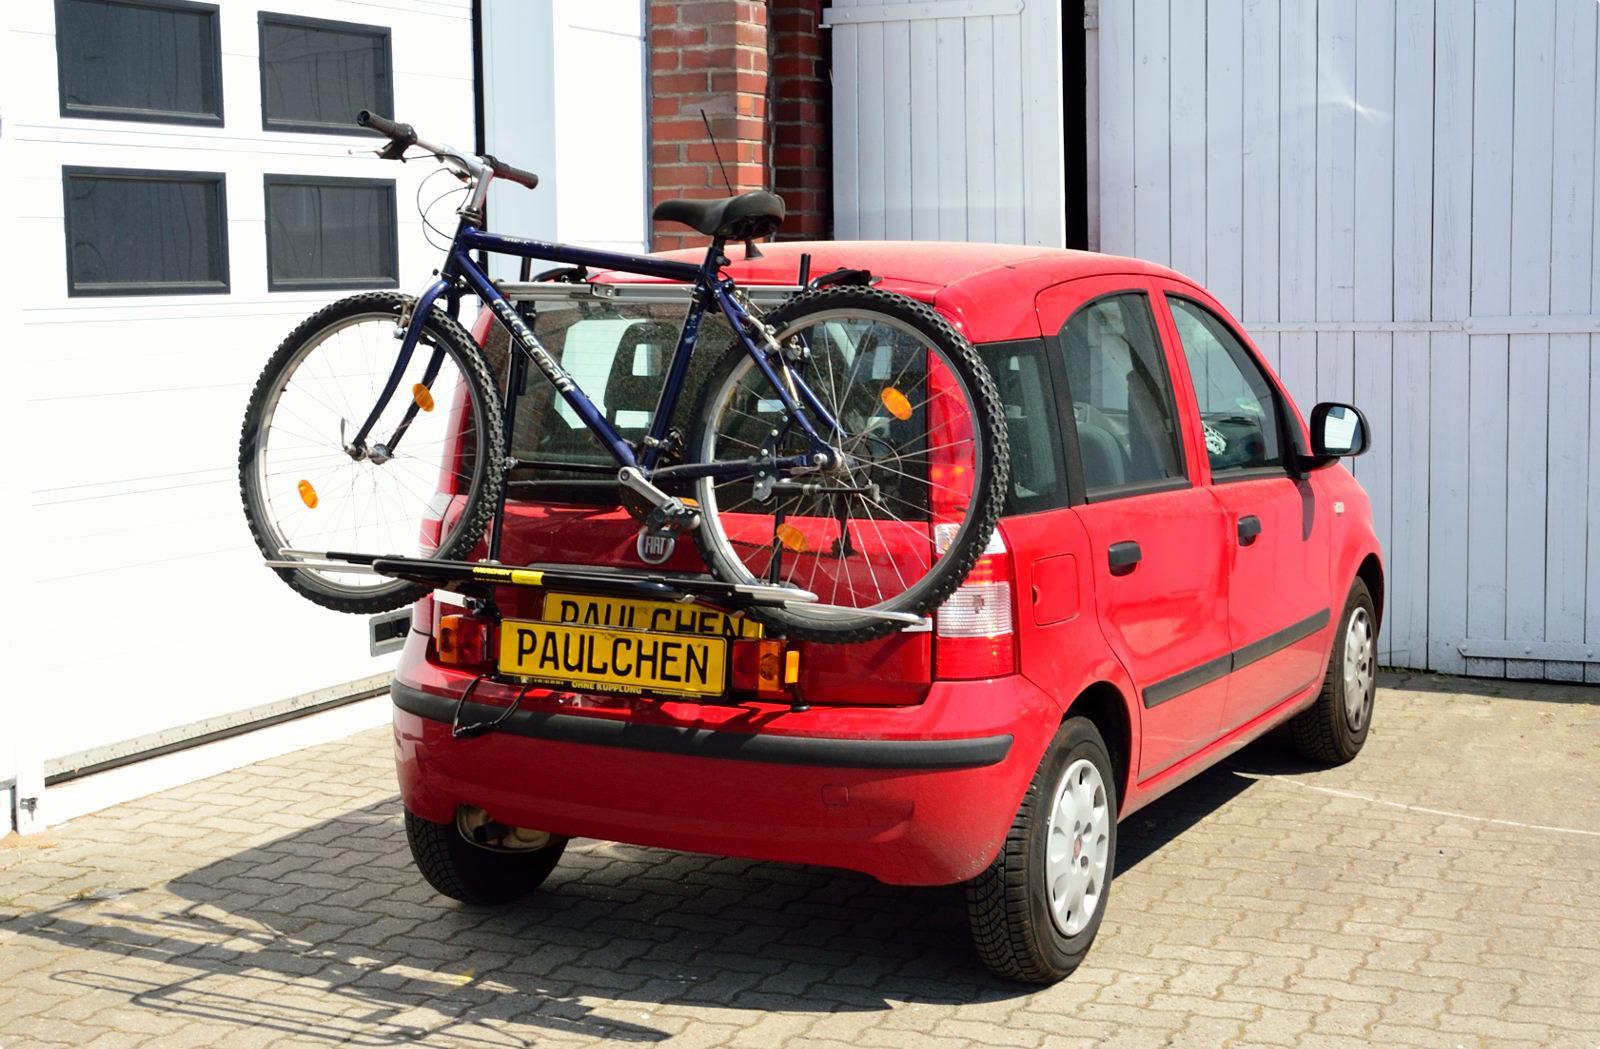 bicycle carrier for fiat panda 169 paulchen hecktr ger system fahrradtr ger. Black Bedroom Furniture Sets. Home Design Ideas